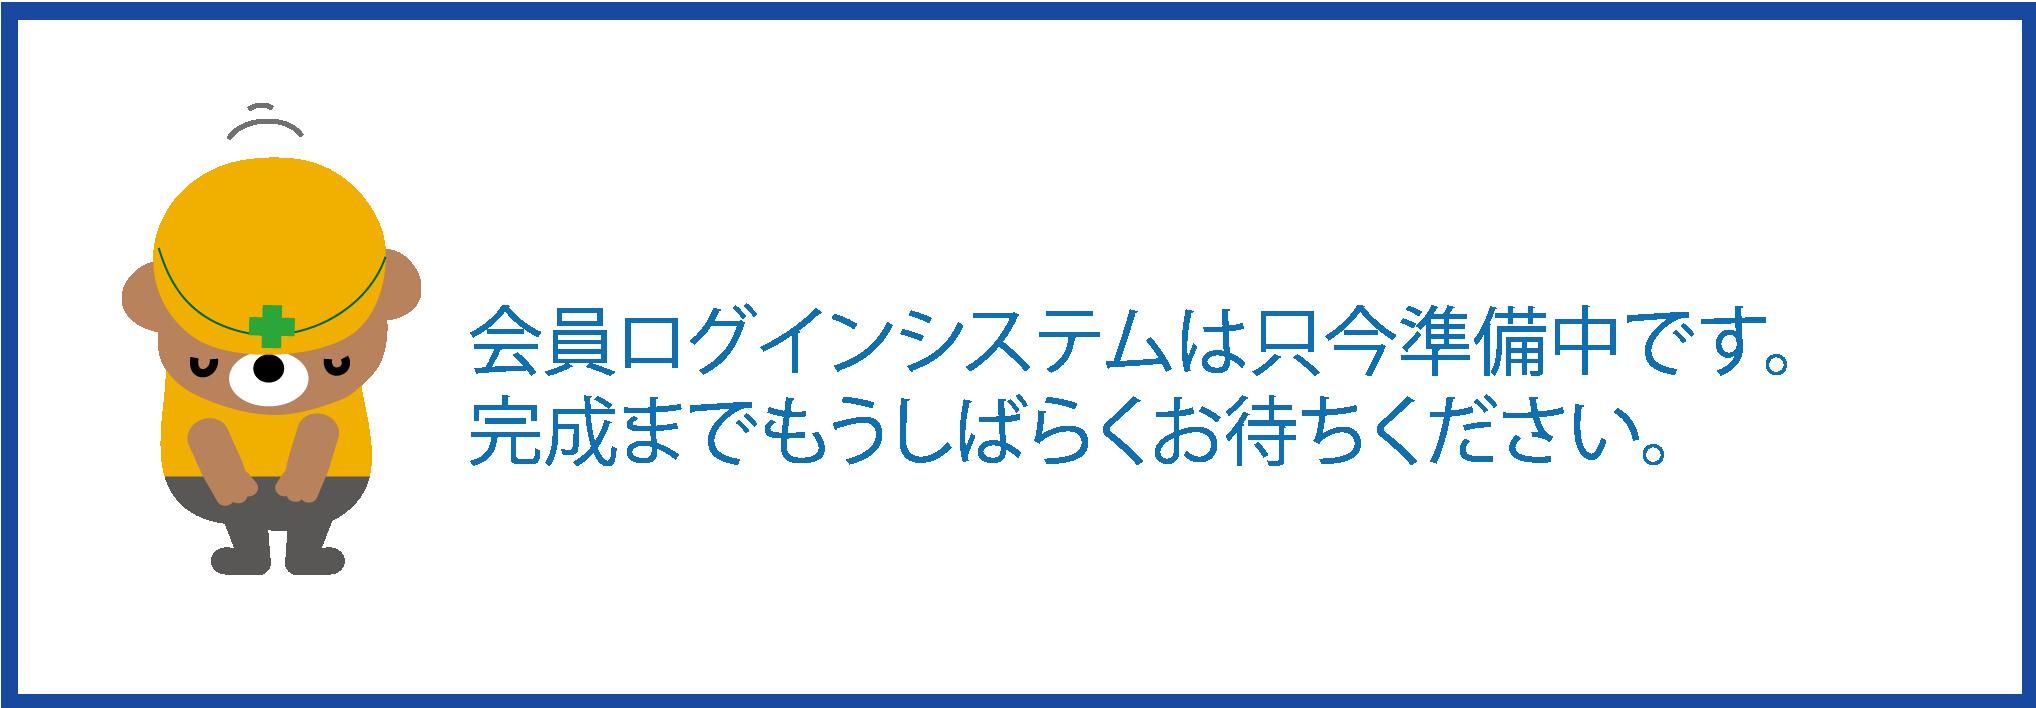 koujichu-02